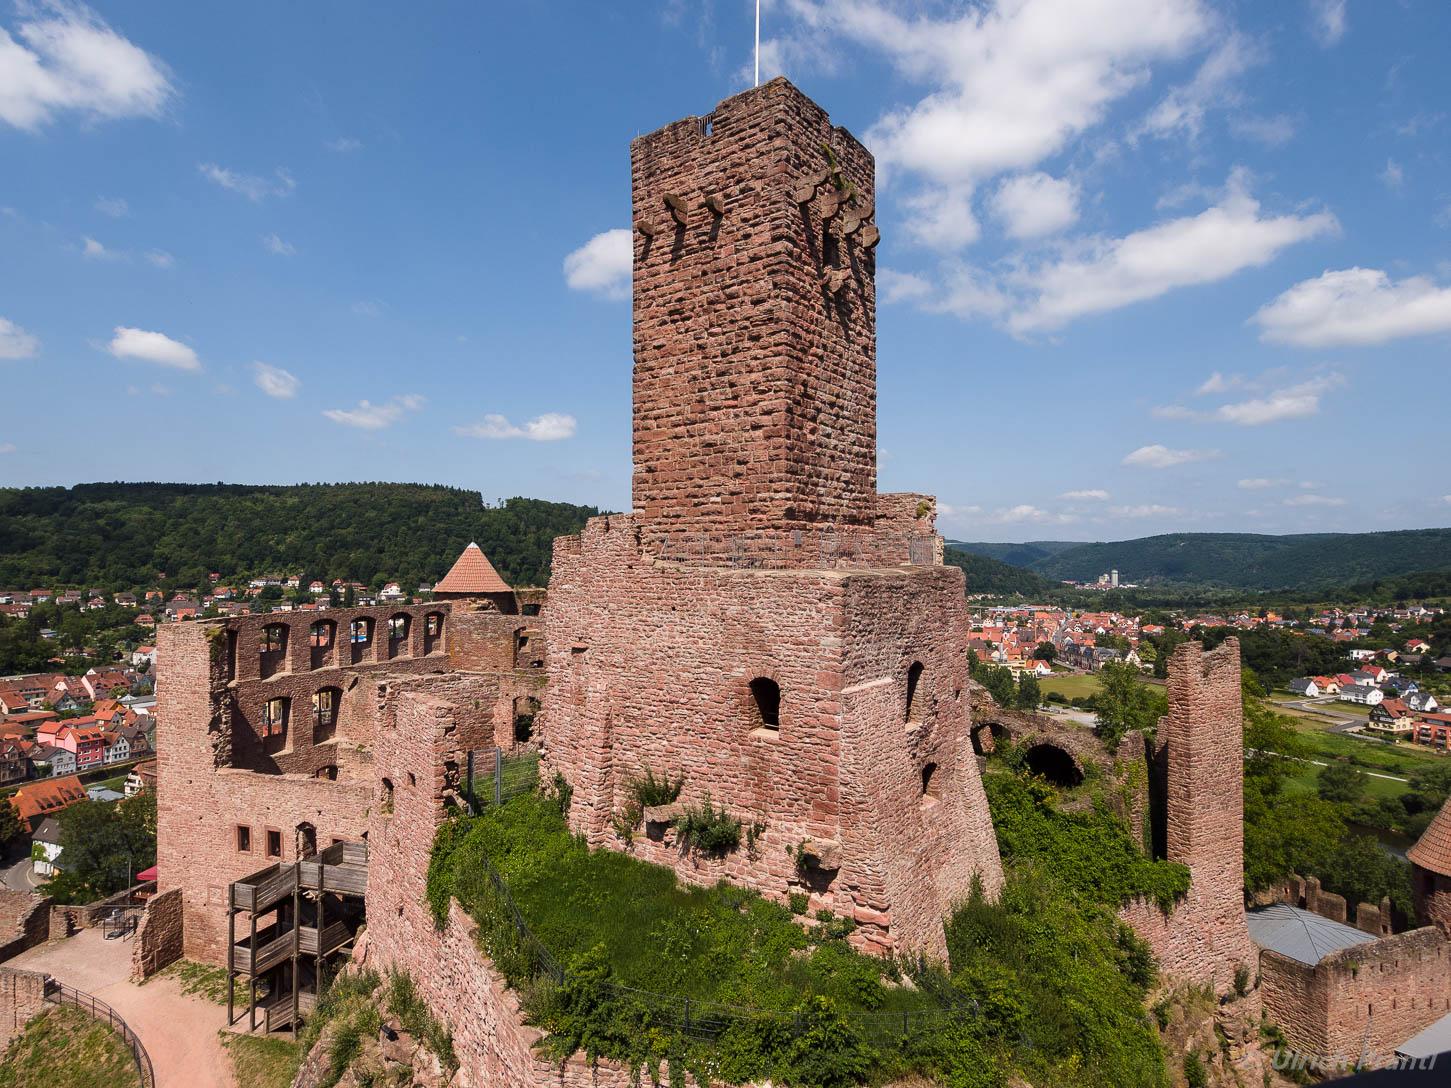 Burgruine, Wertheim